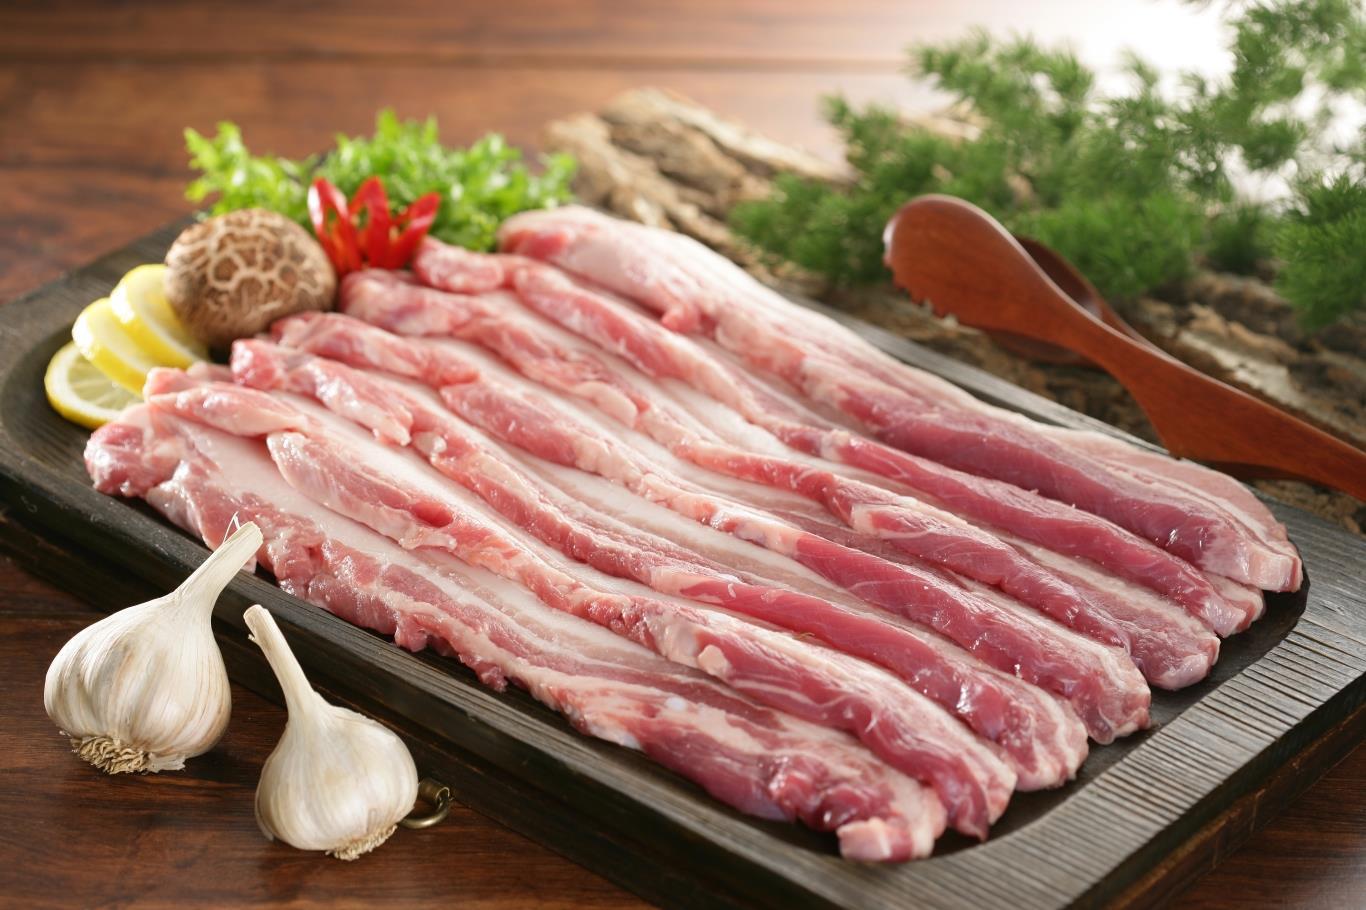 Các món nhậu từ thịt heo